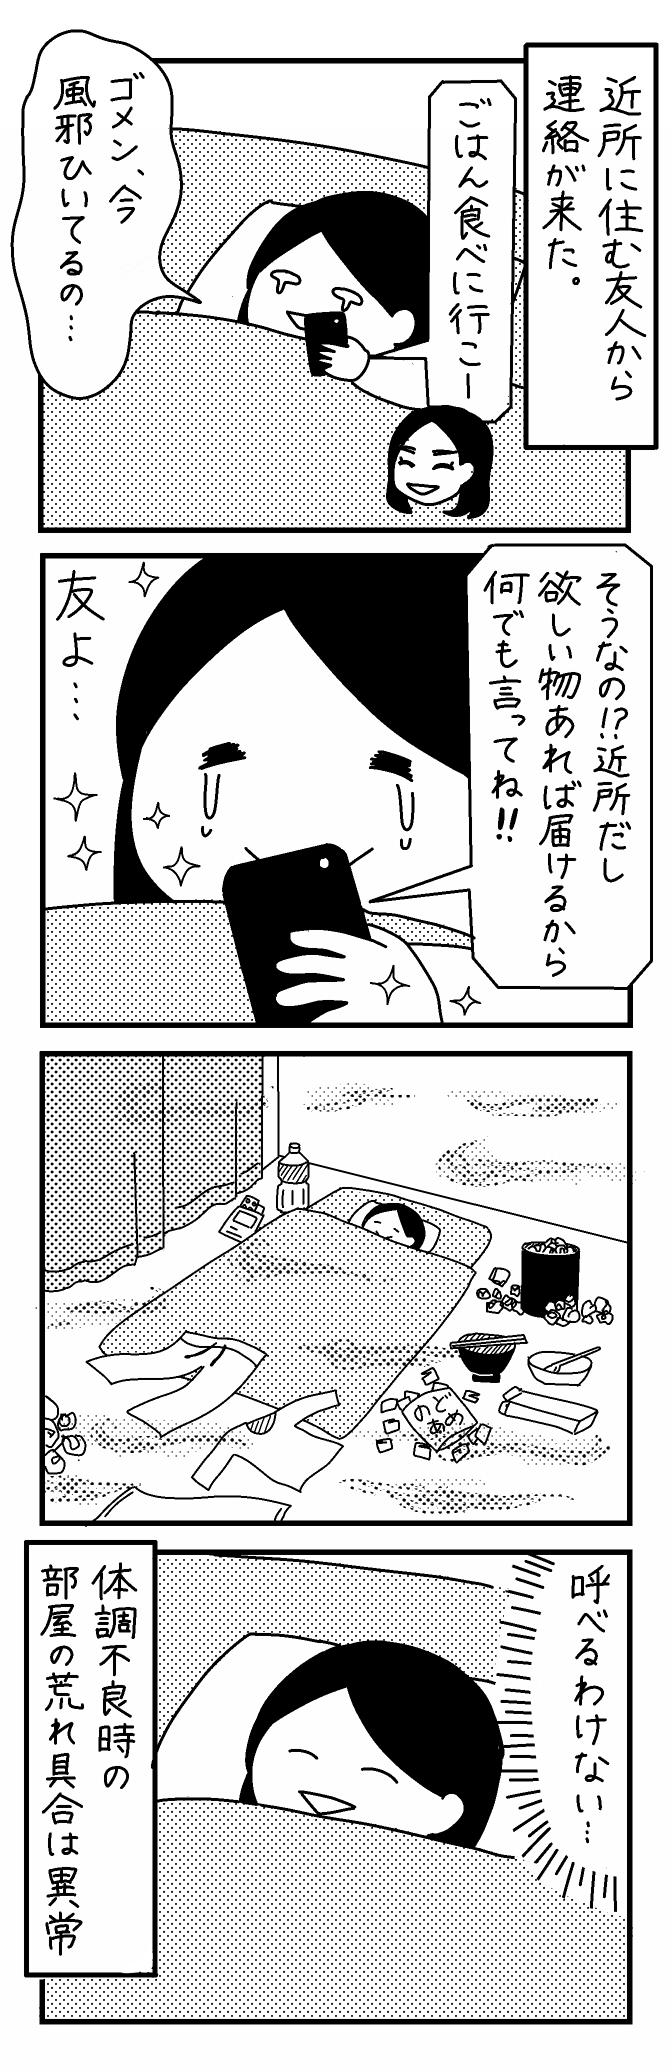 【4コマ漫画】第32回「ビクトリアな日々」作:ビクトリアブラディーヌ